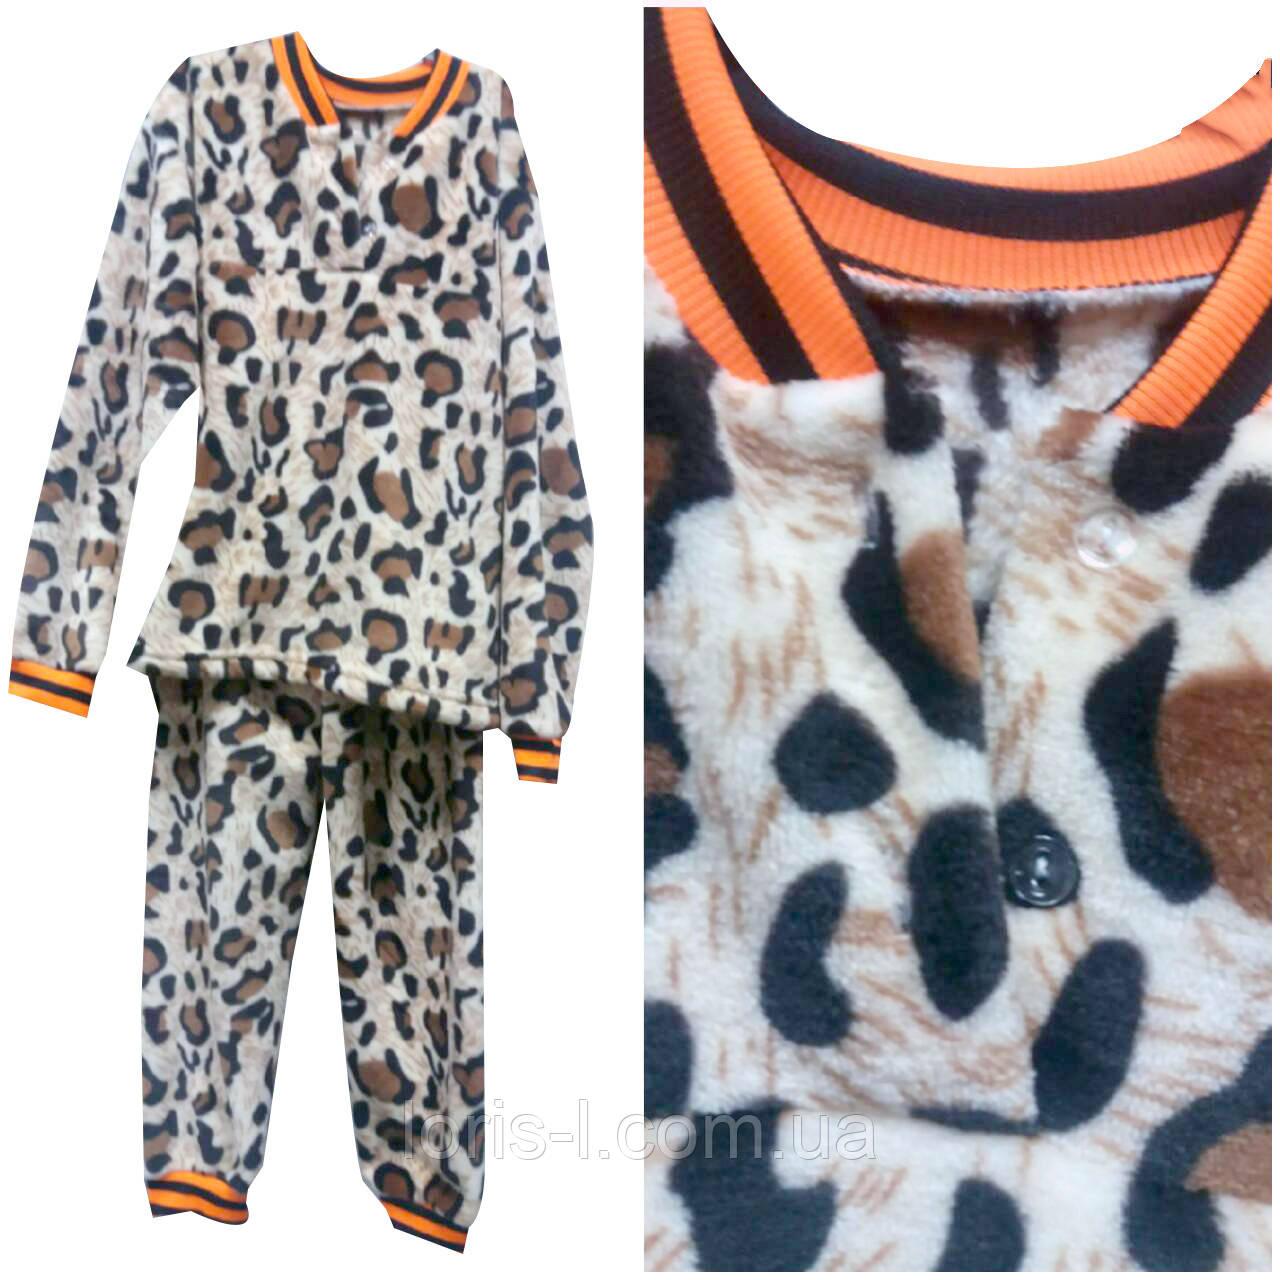 c5080030be8fe Махровые пижамы для подростков, цена 319 грн., купить в Харькове — Prom.ua  (ID#406038969)